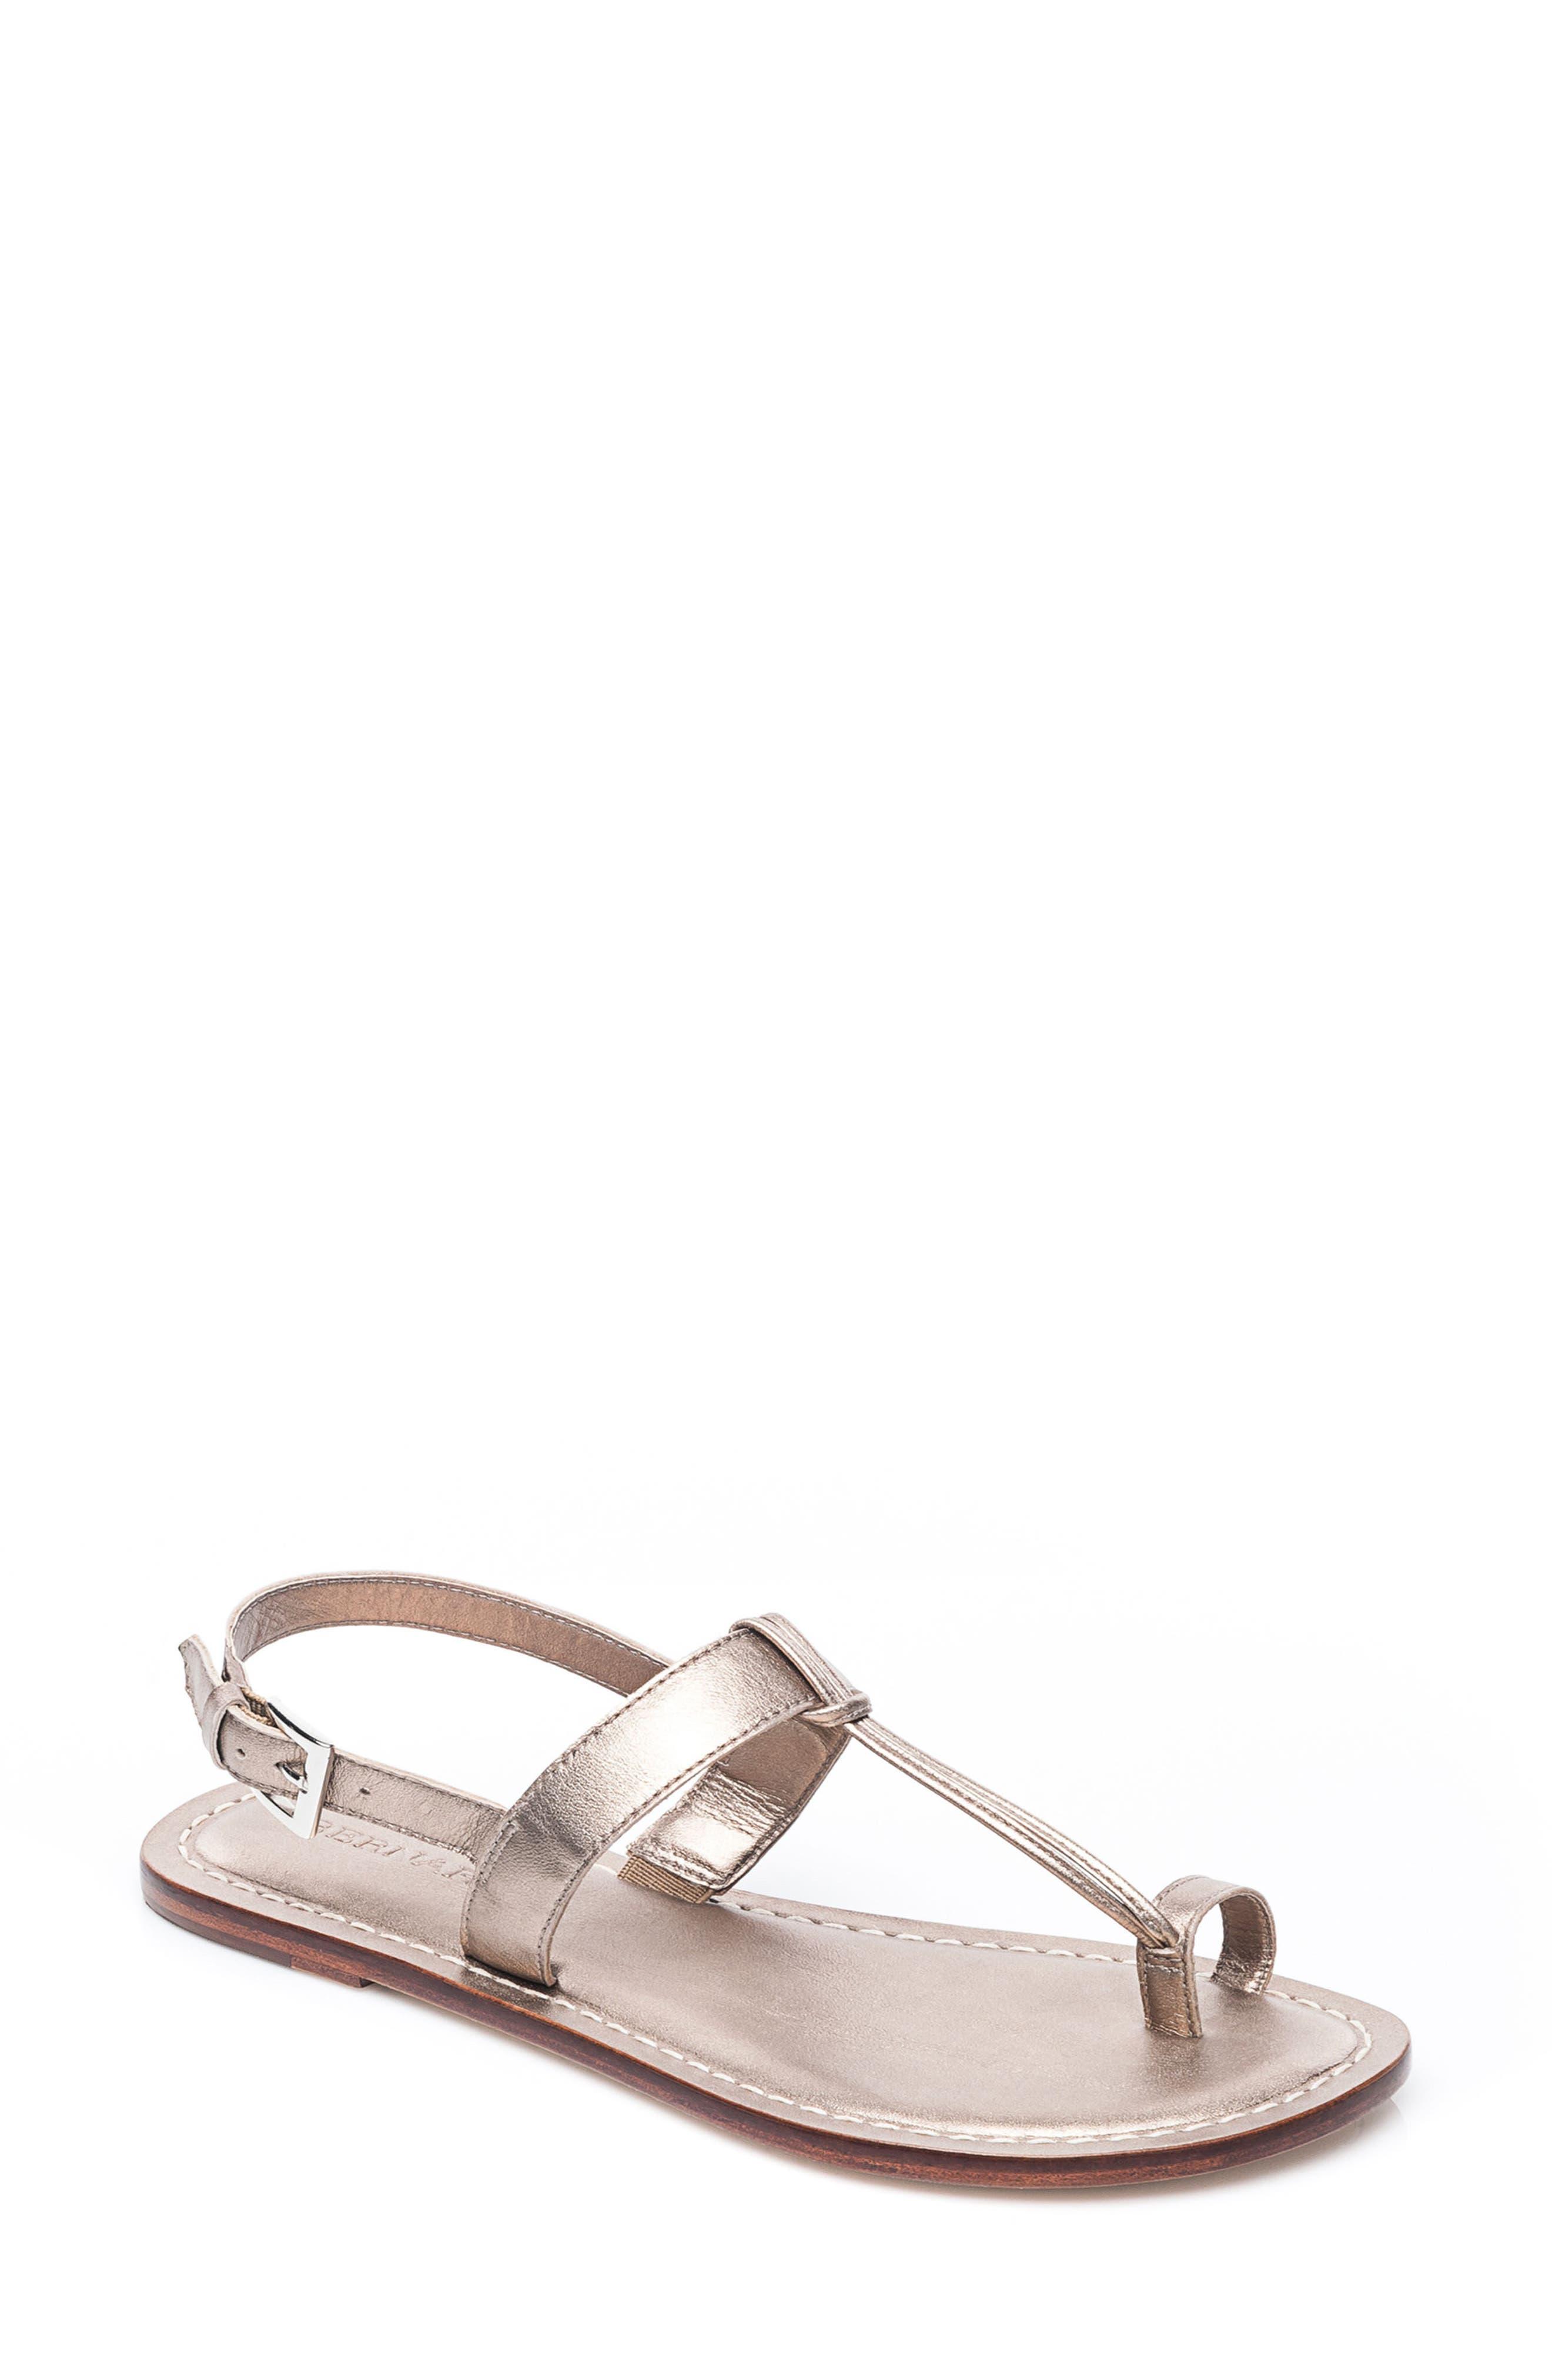 Bernardo Maverick Leather Sandal,                         Main,                         color, Platinum Leather